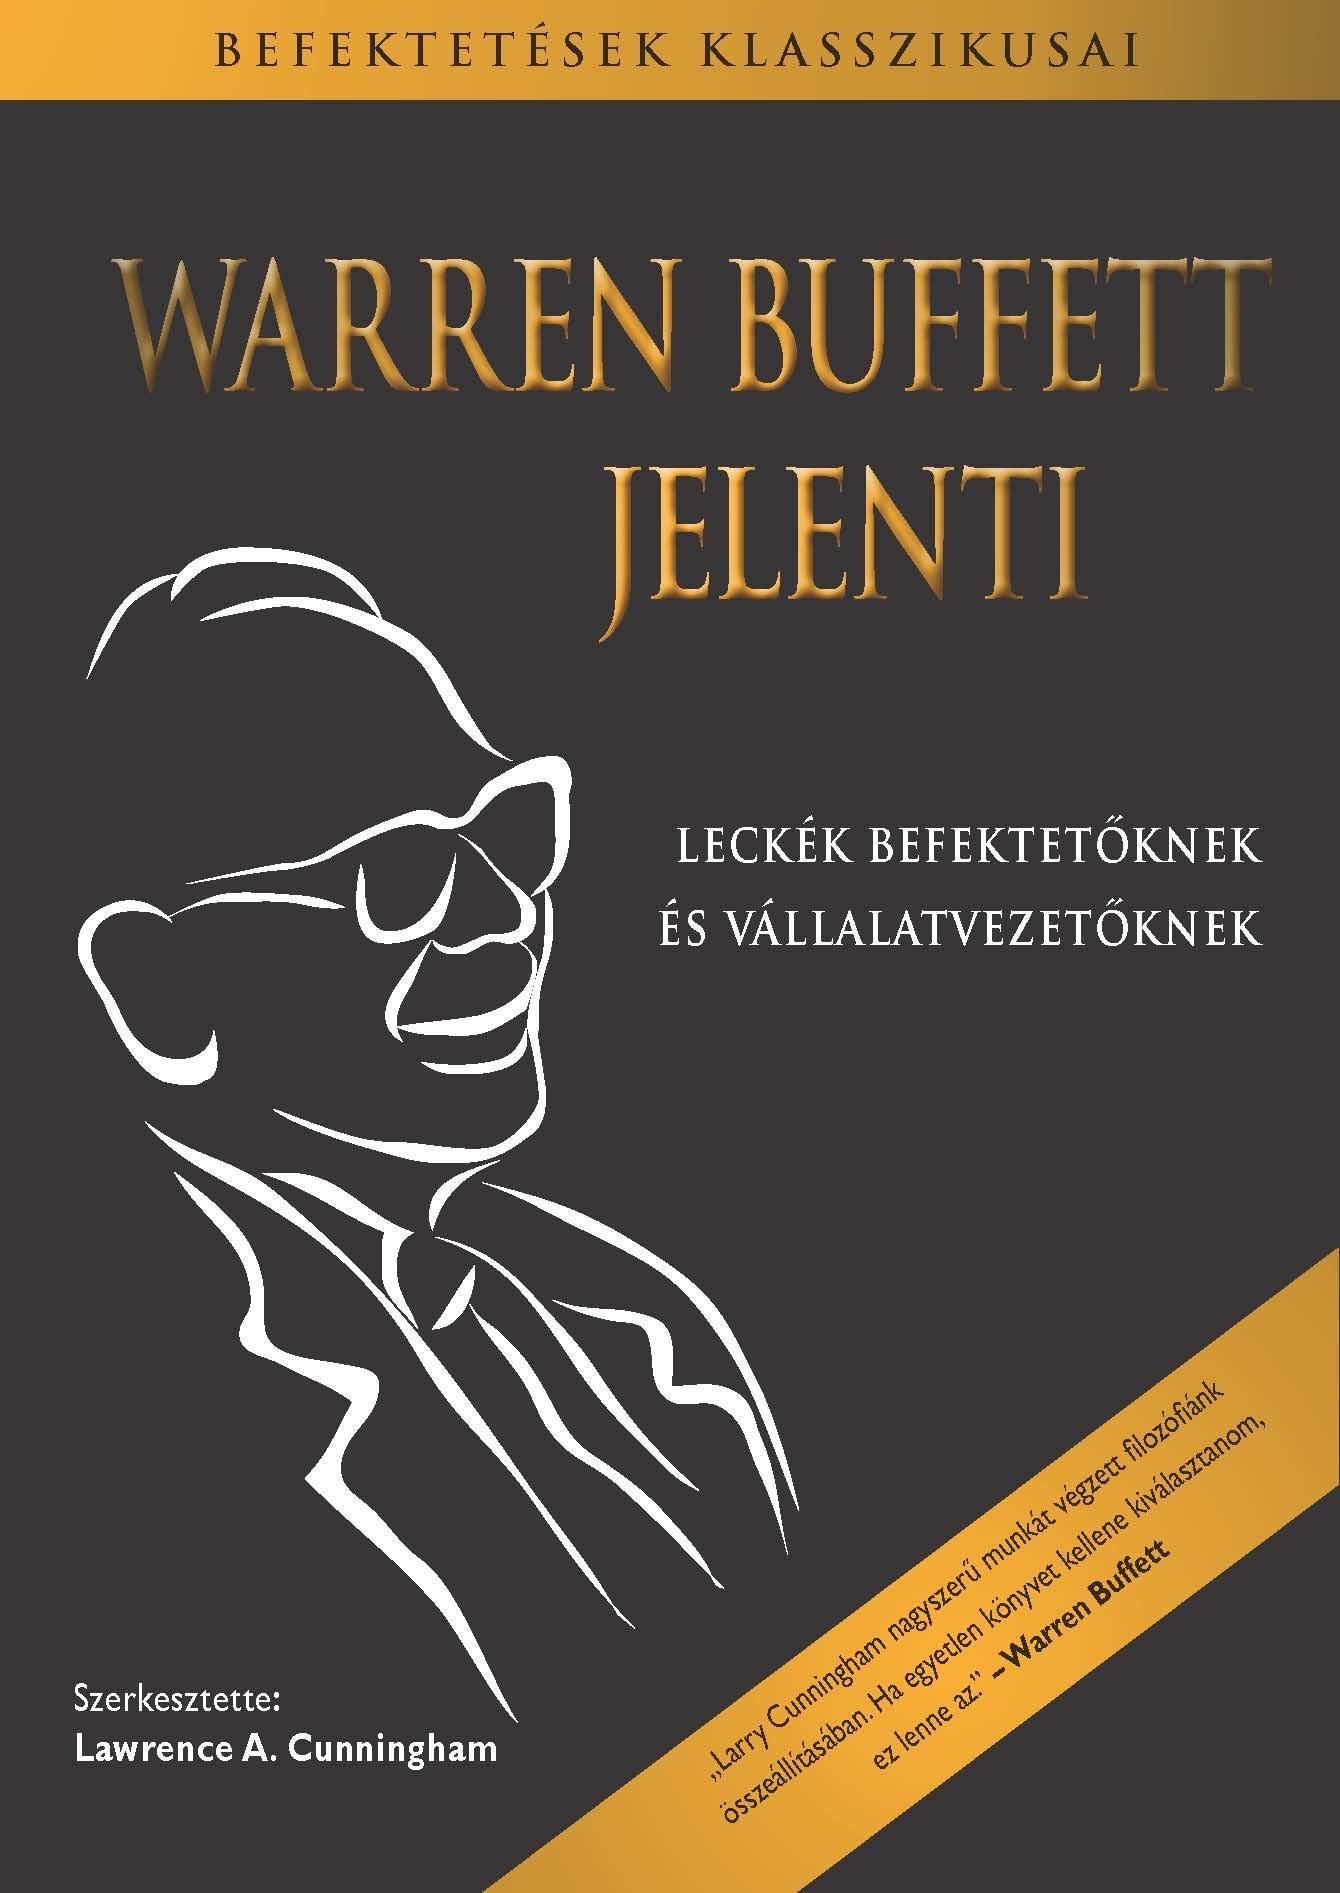 BUFFETT, WARREN-CUNNINGHAM, LAWRENCE A. - WARREN BUFFETT JELENTI - LECKÉK BEFEKTETŐKNEK ÉS VÁLLALATVEZETŐKNEK